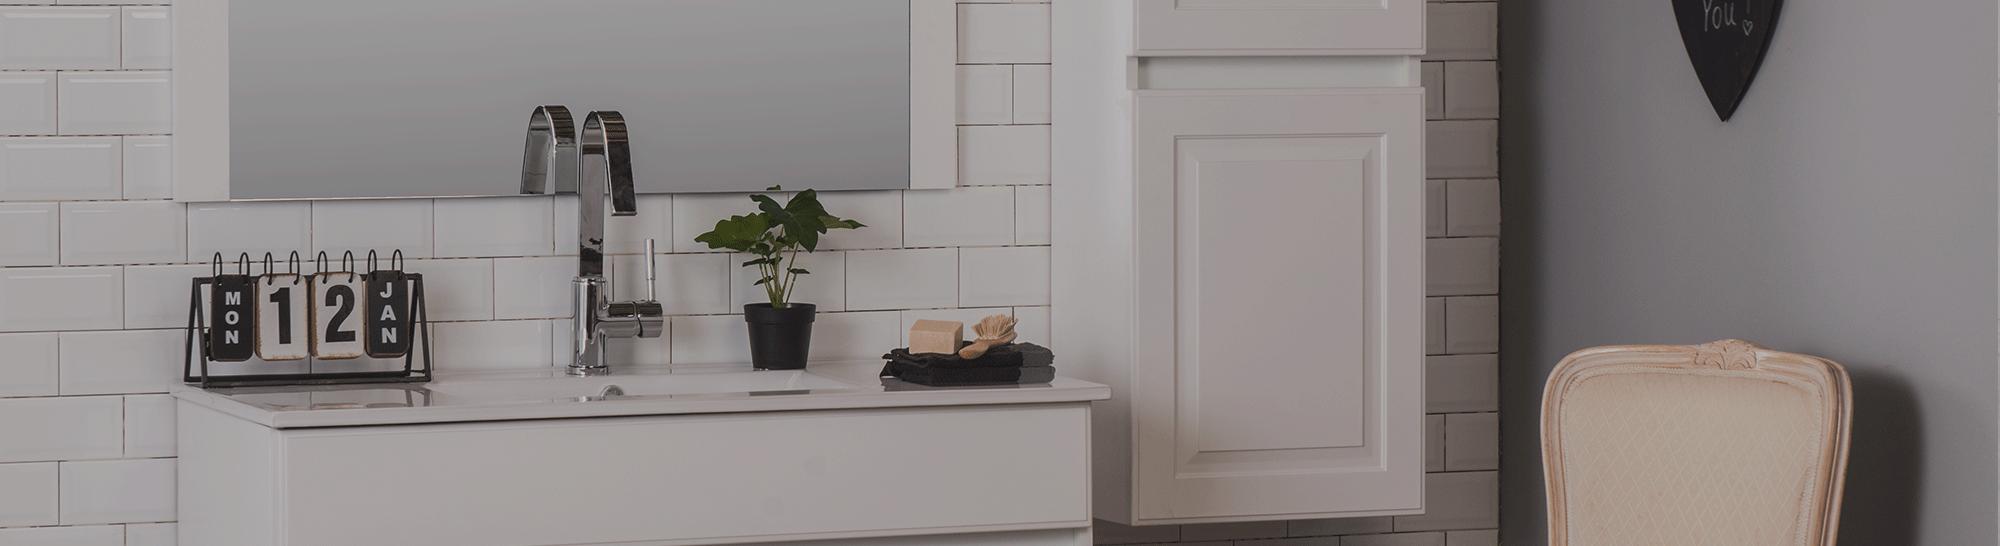 איך מעצבים חדר אמבטיה מושלם?